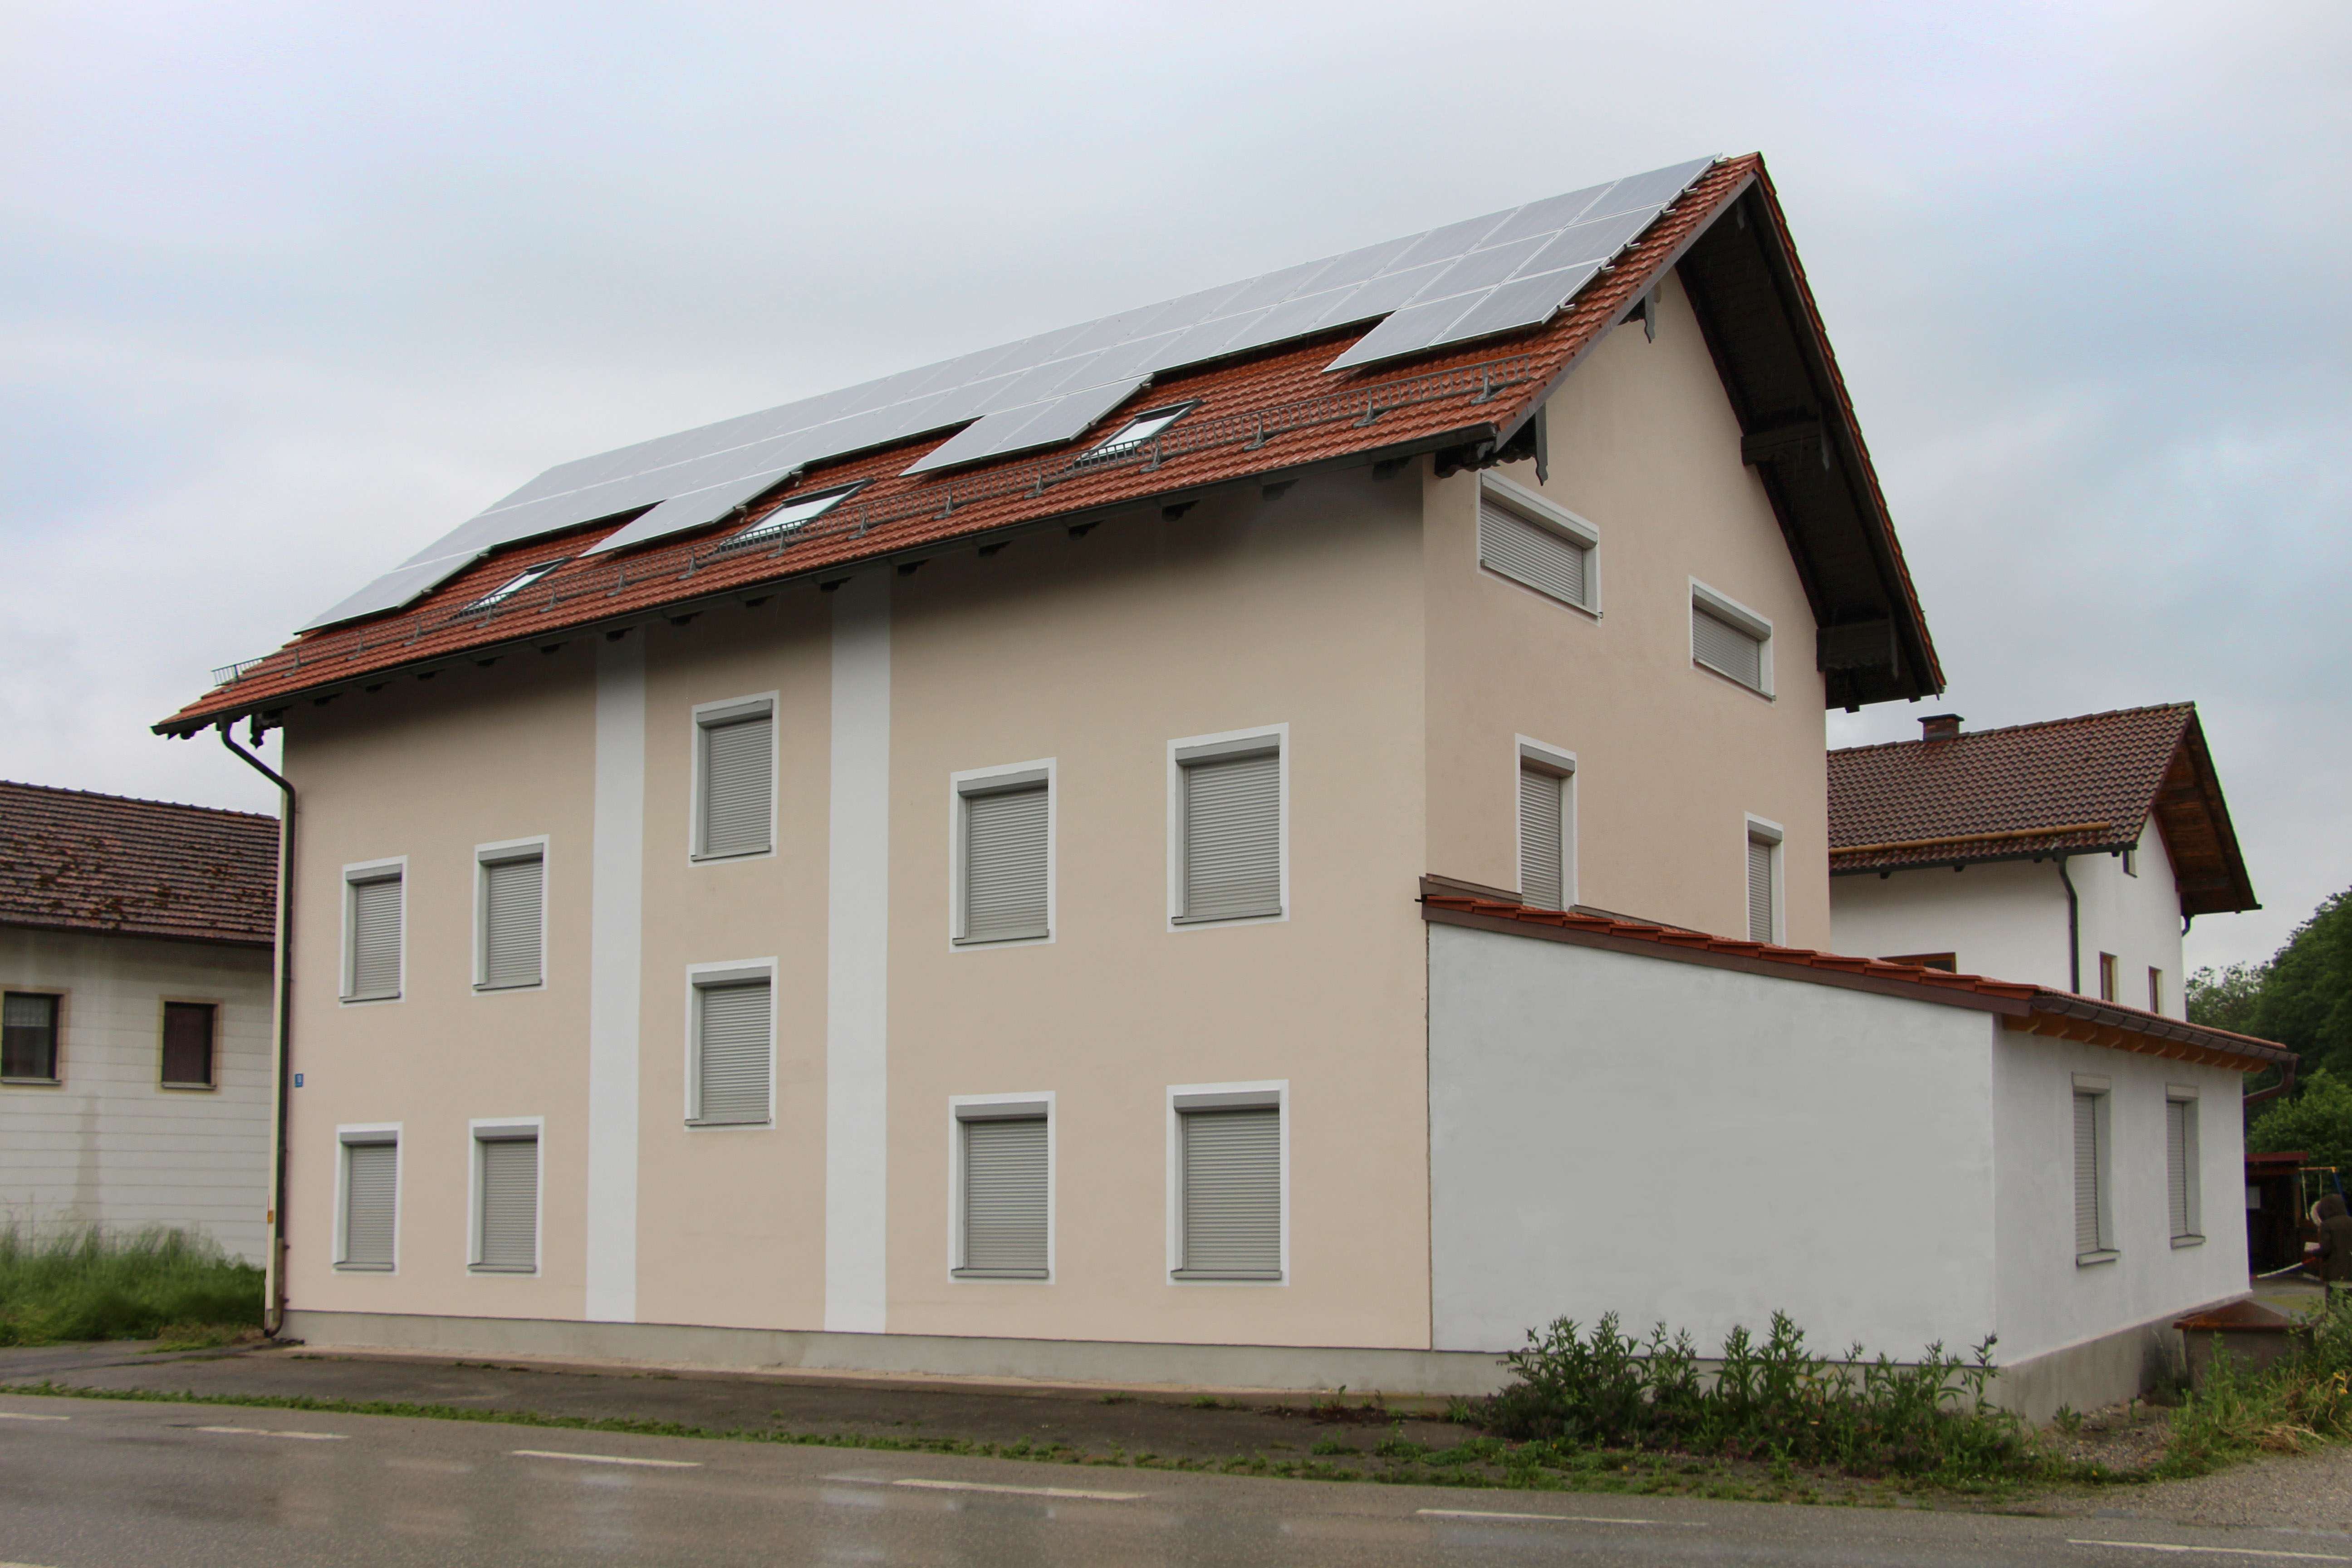 Attraktive 93 qm große 3-Zimmer-Wohnung zur Miete in Winhöring in Winhöring